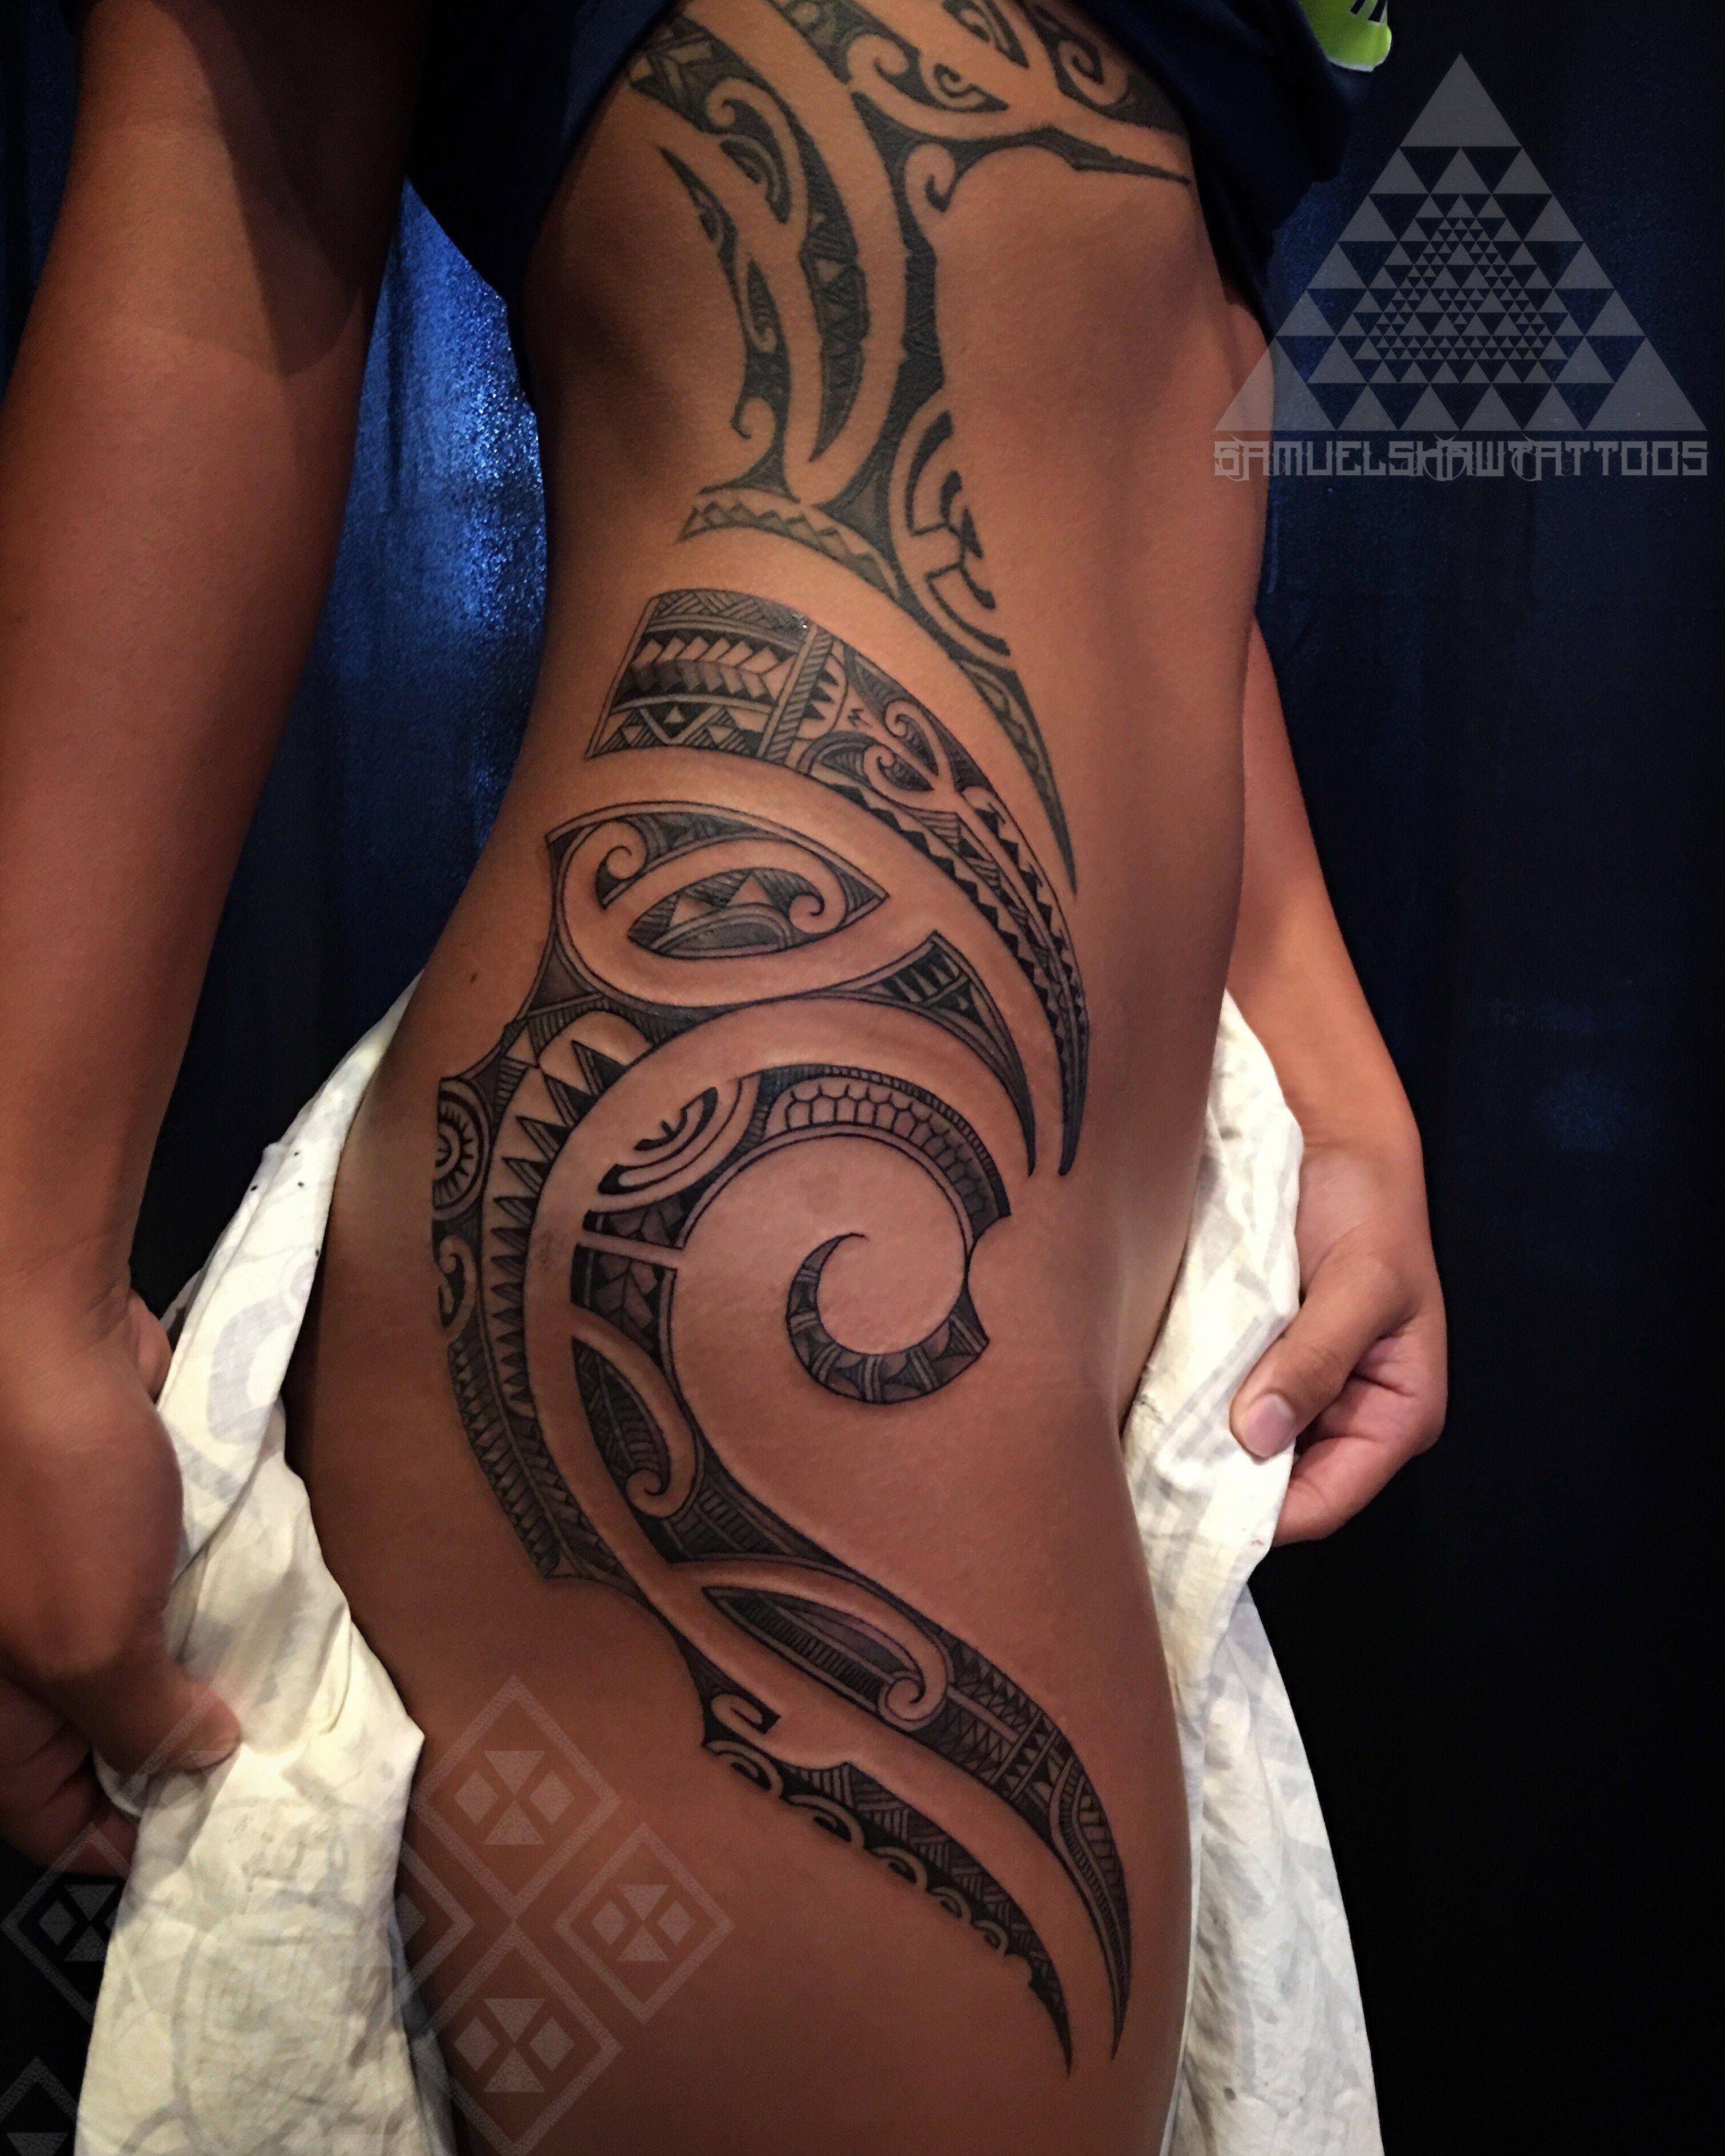 Mhvkg ideas for tattoos for women pinterest